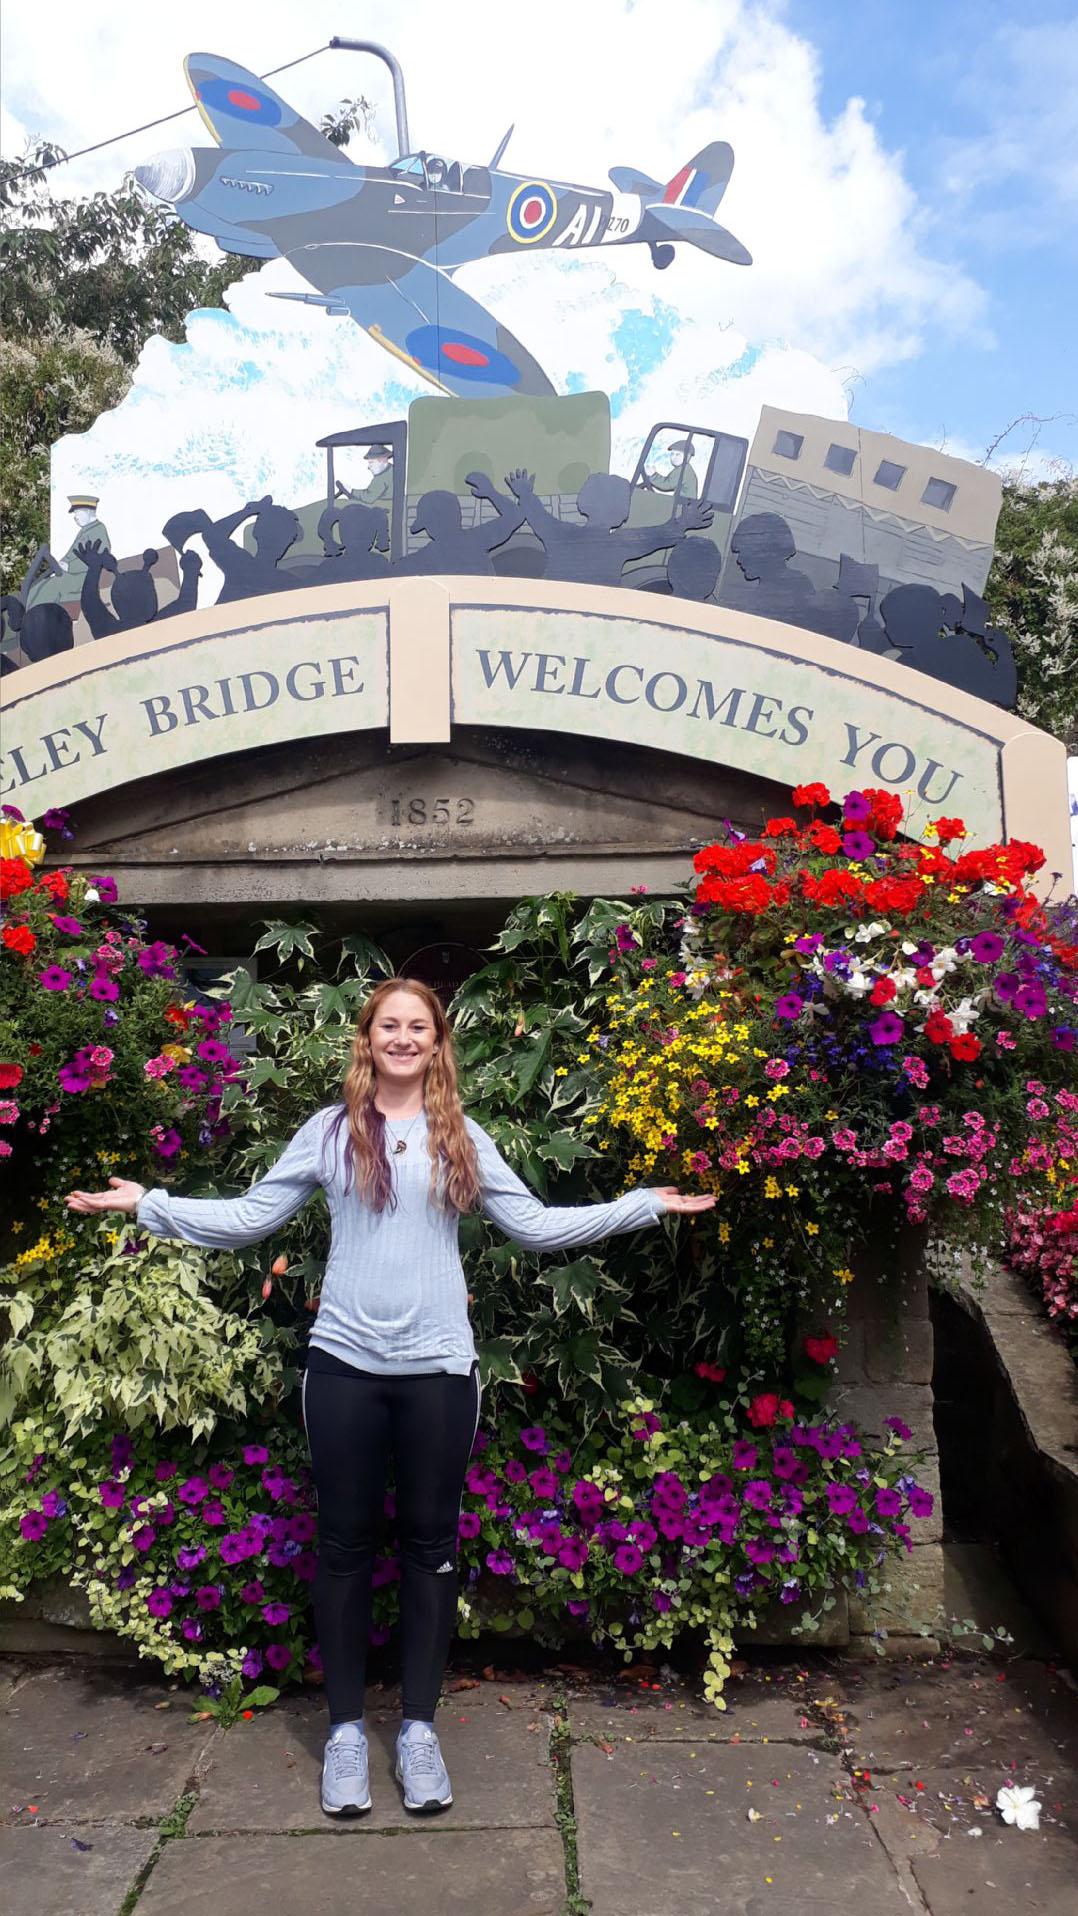 Pateley Bridge